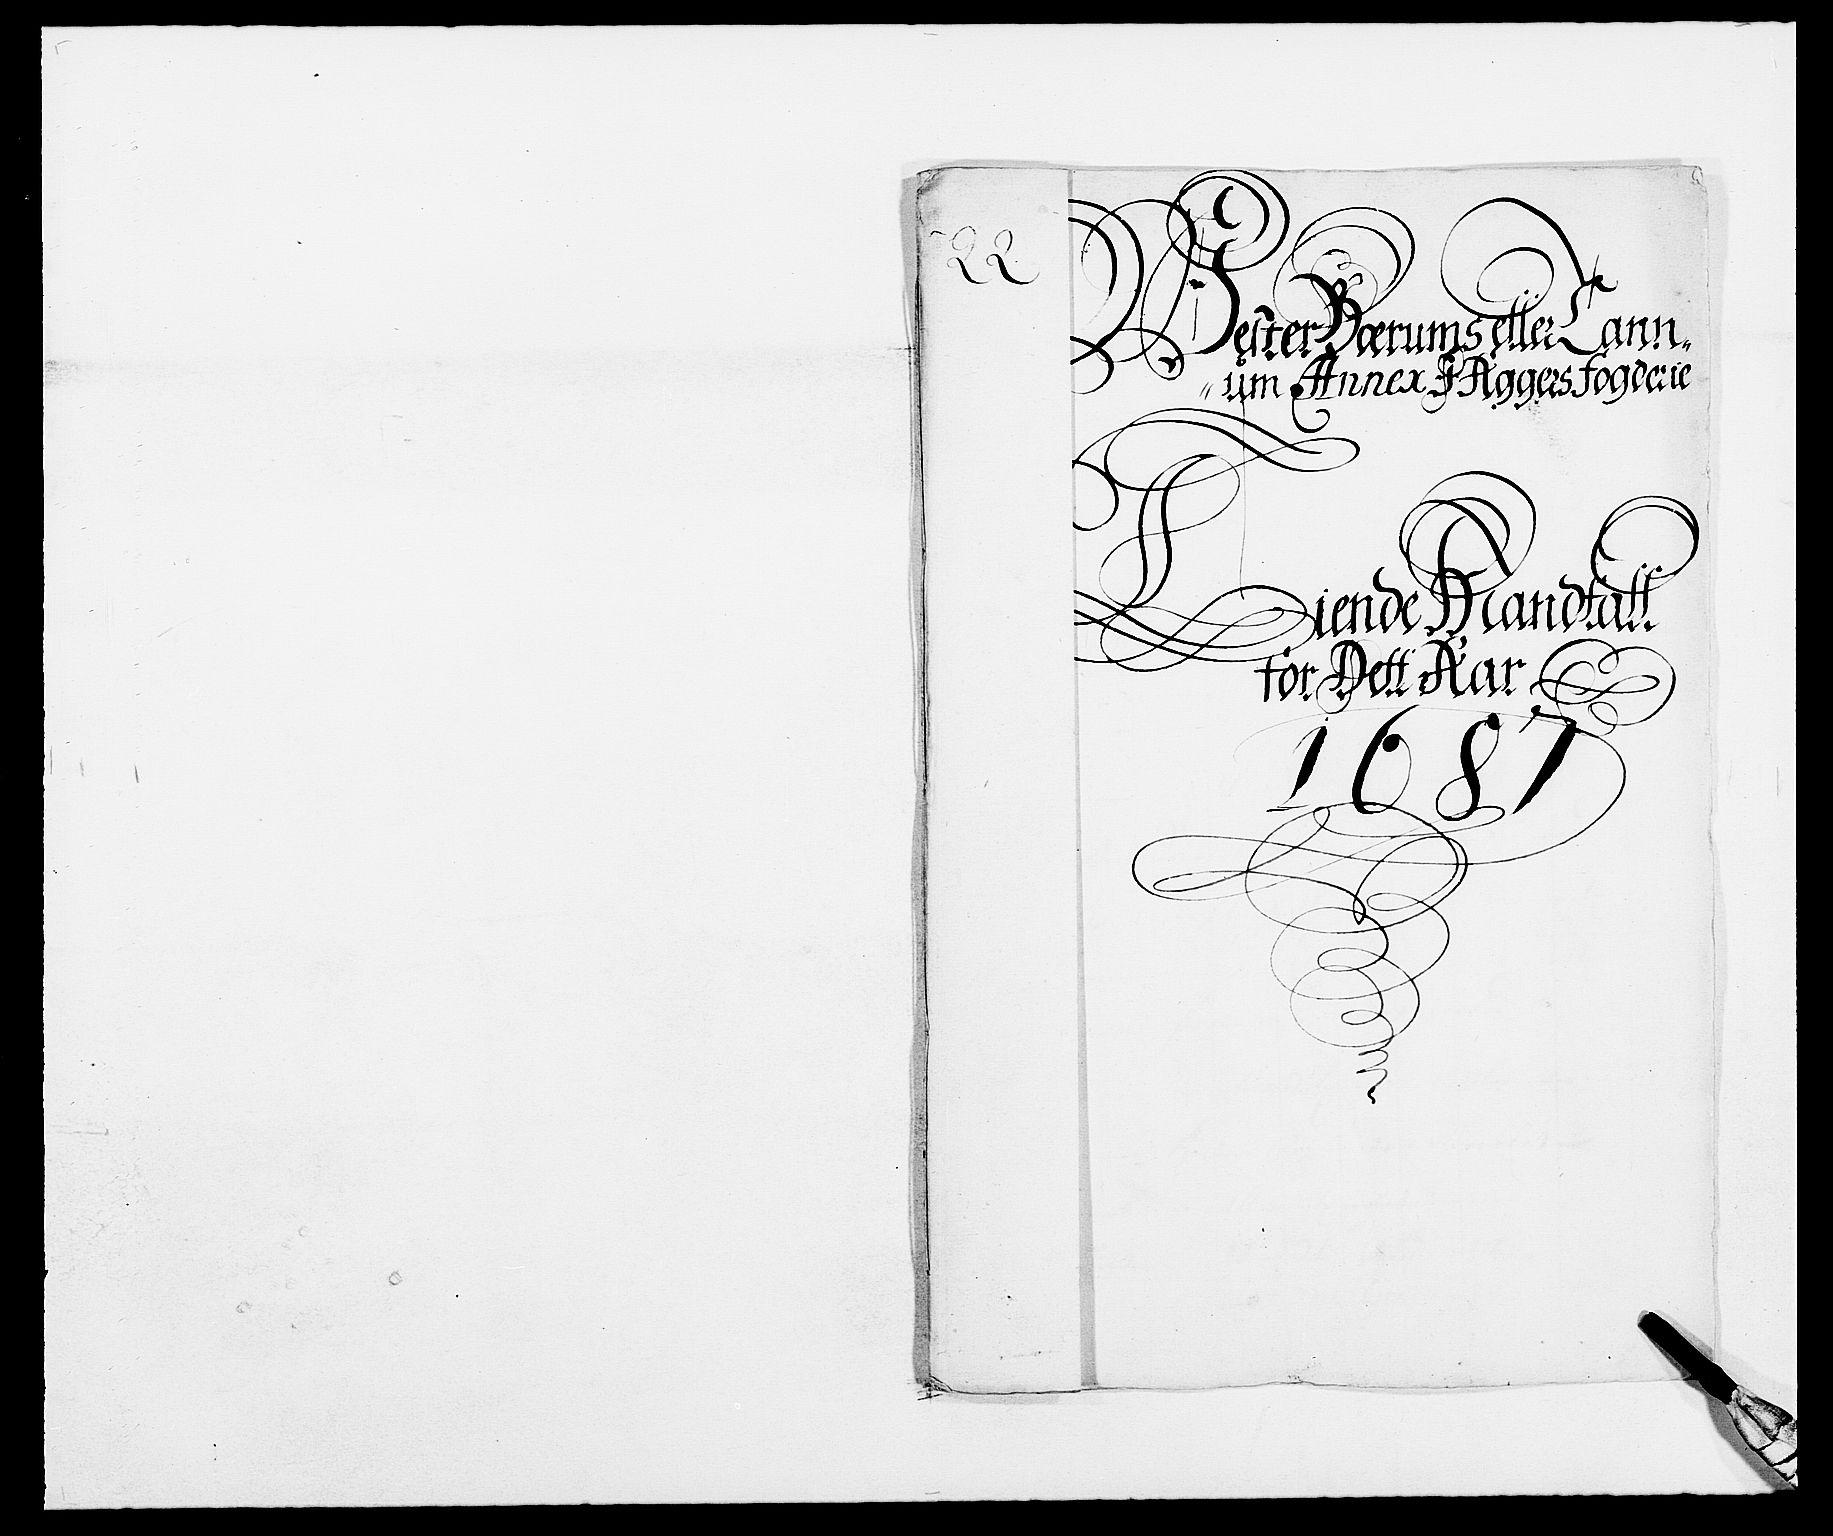 RA, Rentekammeret inntil 1814, Reviderte regnskaper, Fogderegnskap, R08/L0422: Fogderegnskap Aker, 1684-1686, s. 148